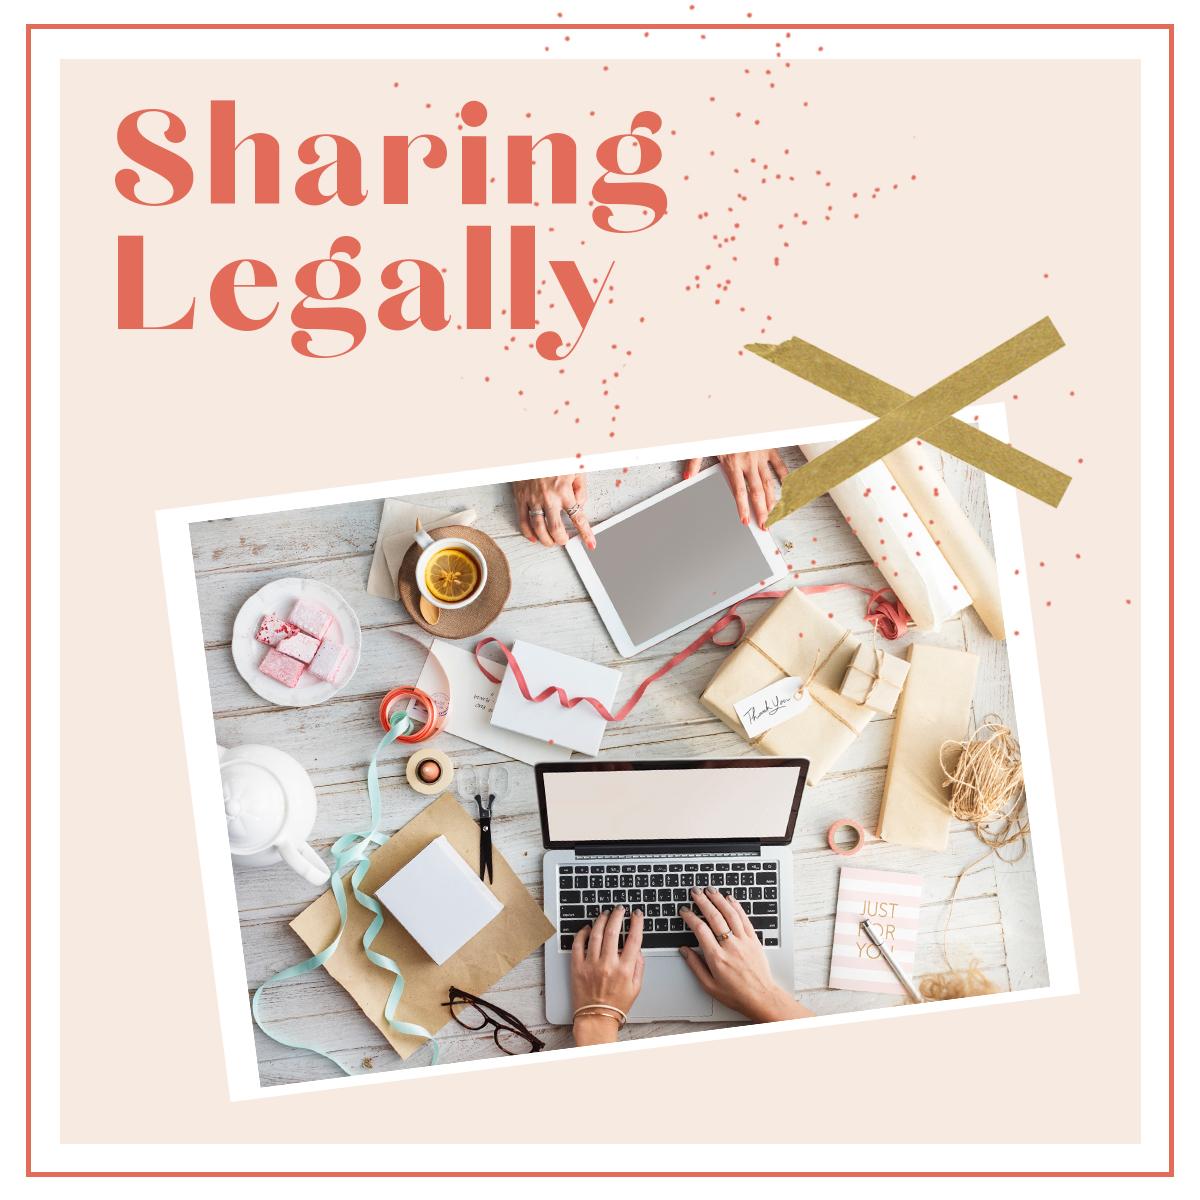 SharingLegally.jpg